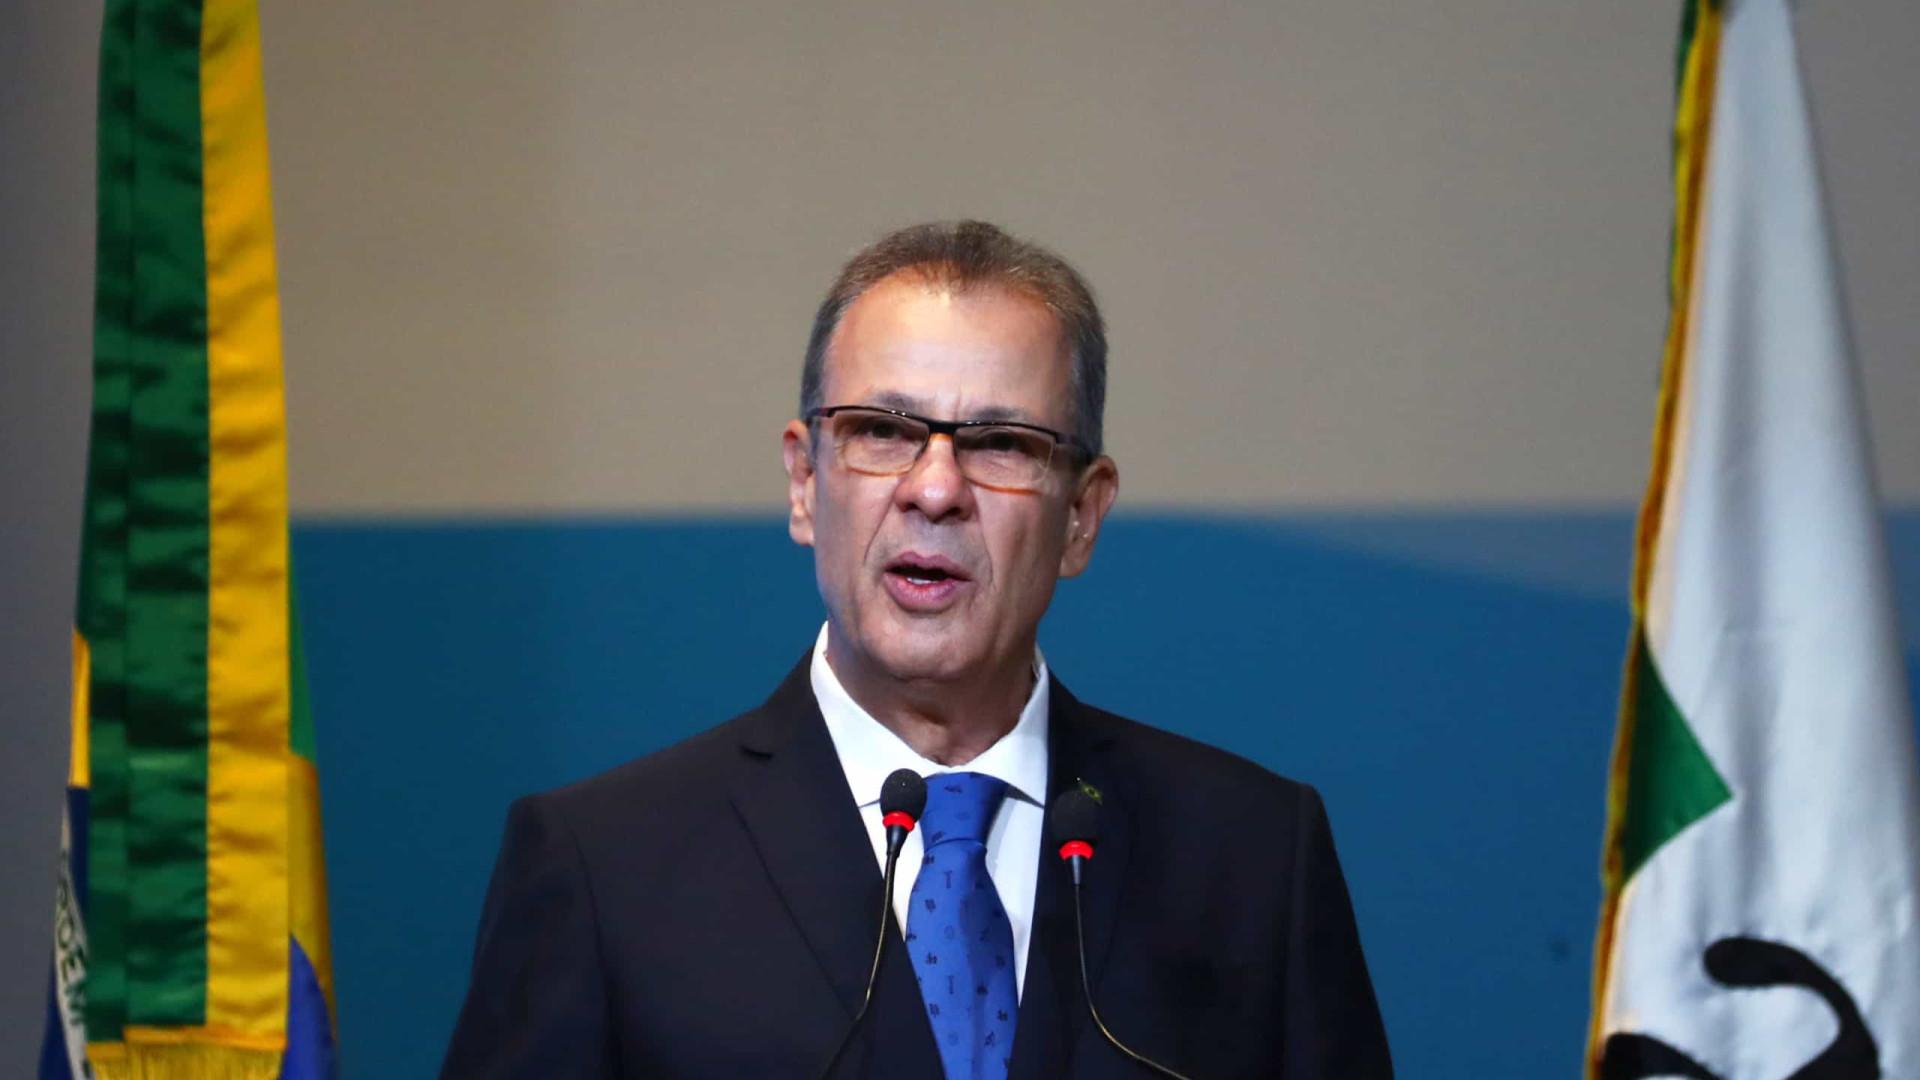 Ministro descarta apagão, mas fala em ações 'excepcionais'